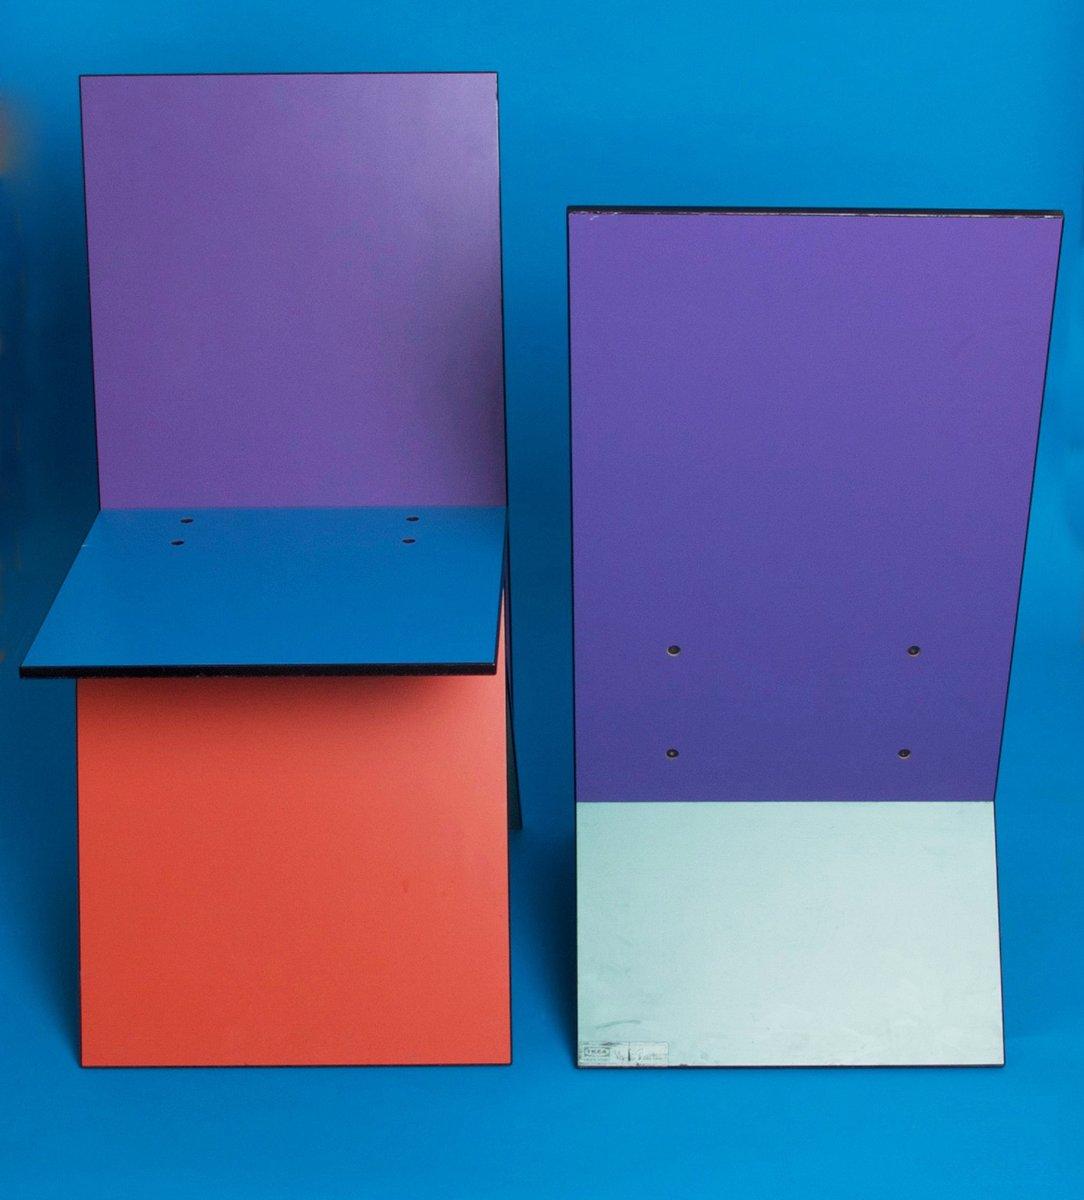 Vilbert Stühle Von Verner Panton Für Ikea 1993 2er Set